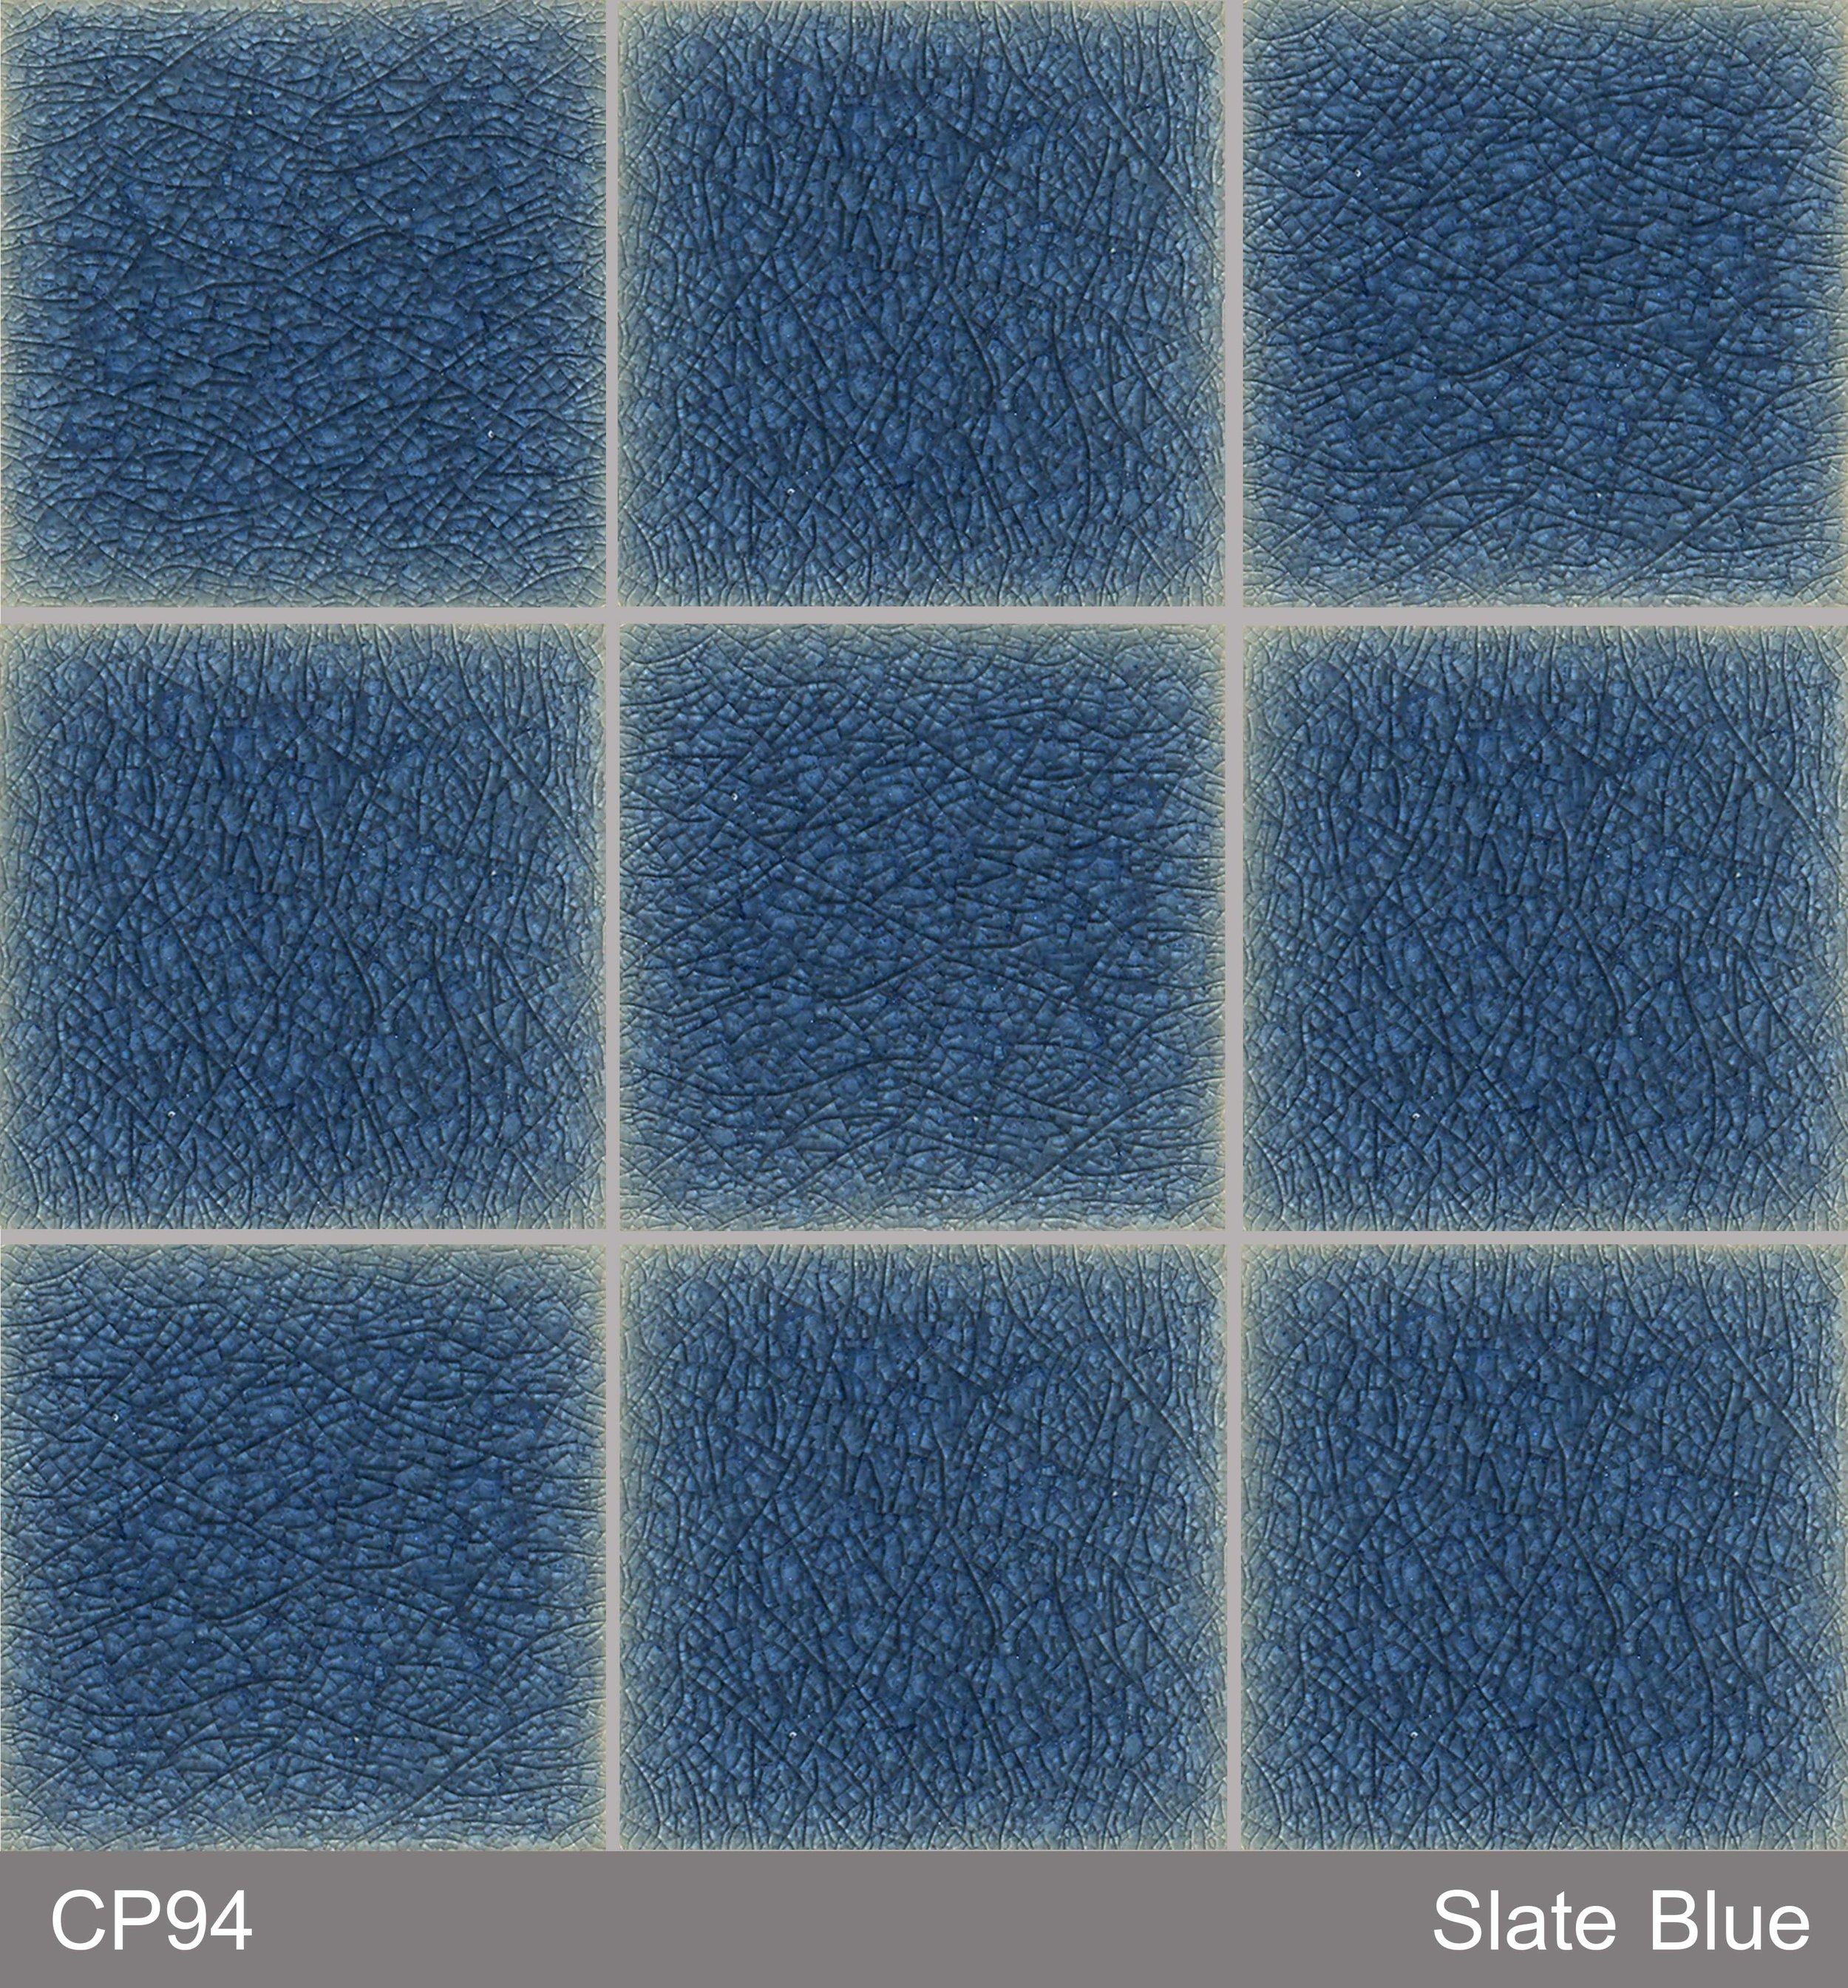 CP94 : Slate blue